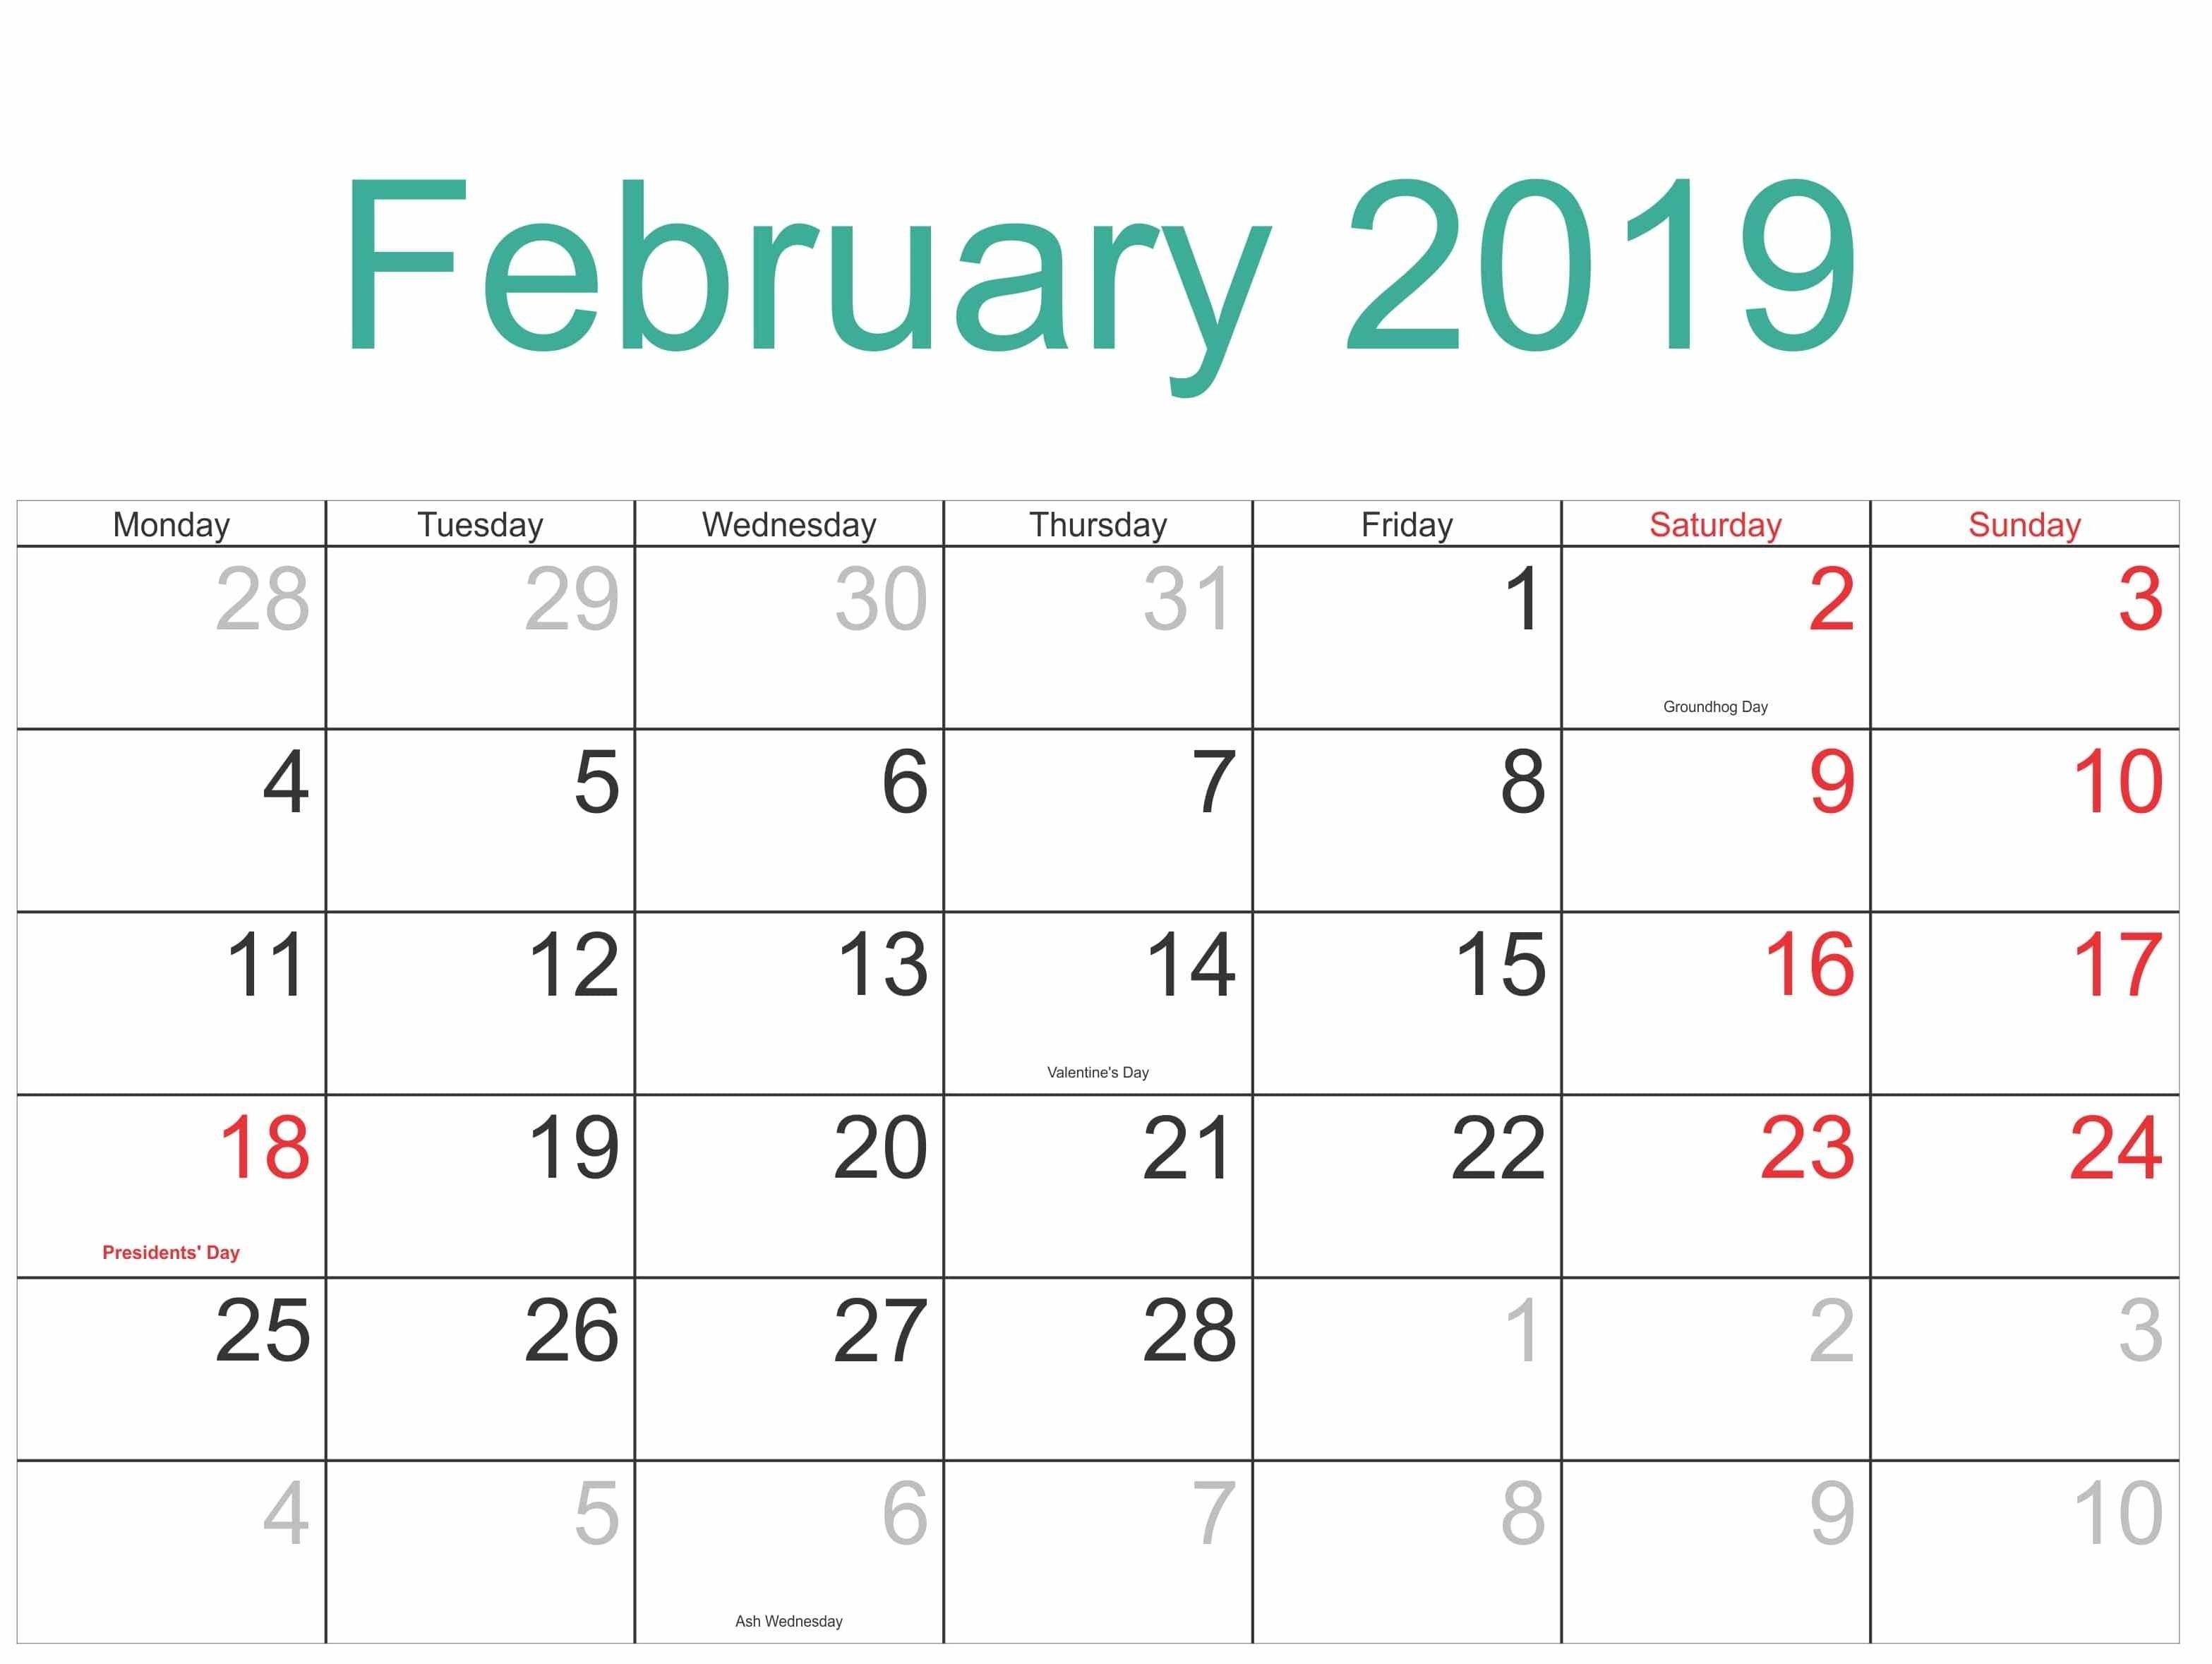 Printable Calendar February 2019 With Holidays – Free Calendar Calendar Feb 8 2019